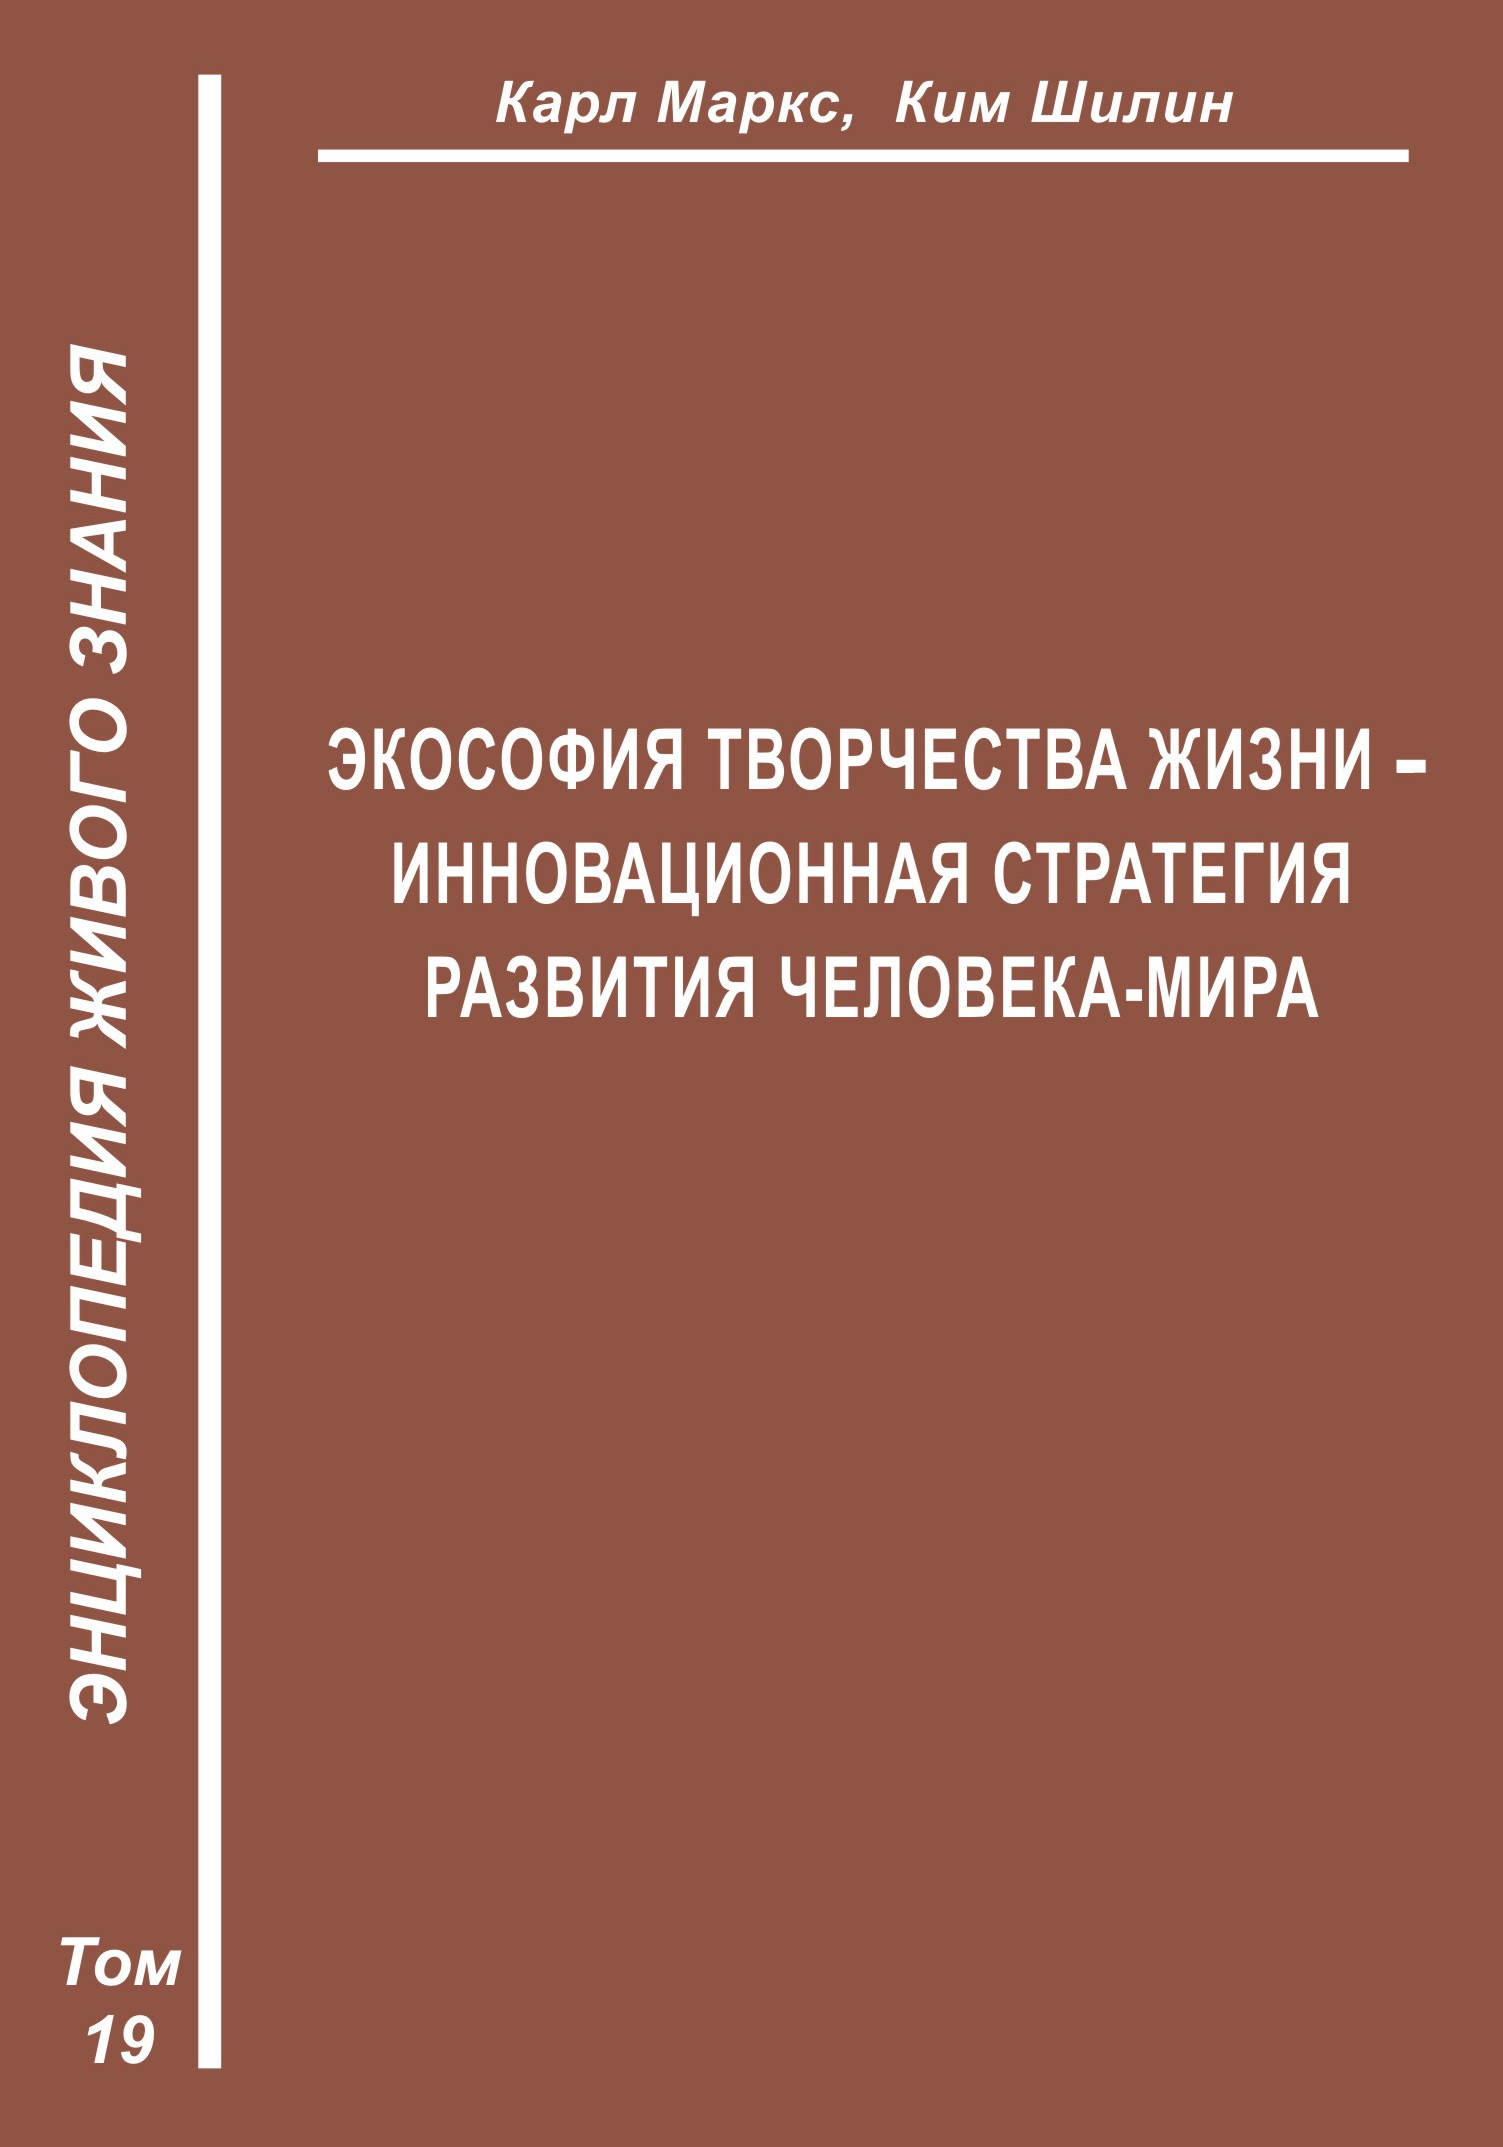 Экософия Творчества Жизни – инновационная стратегия человека-мира (Второе рождение К. Маркса – в России)